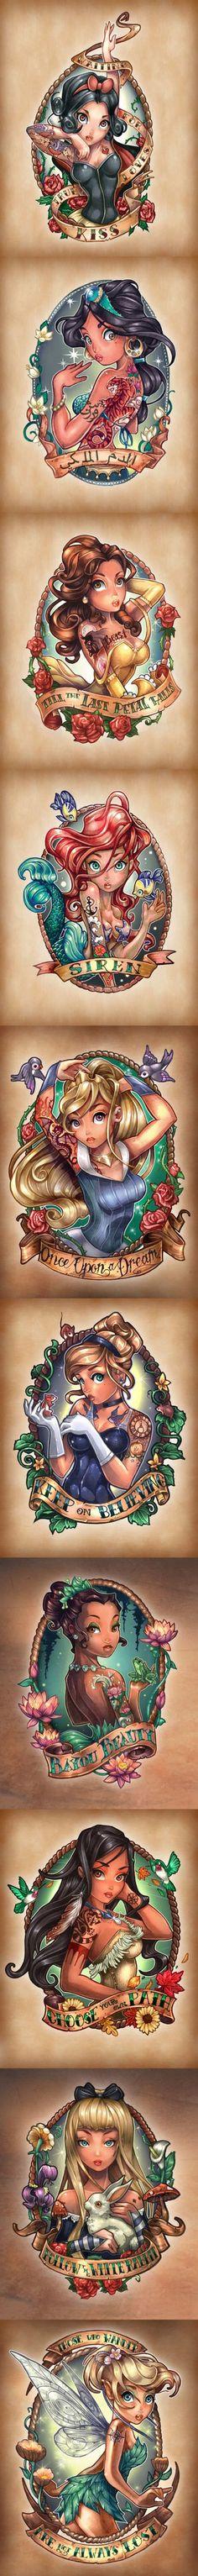 8 Disney Princesses as Tattoos